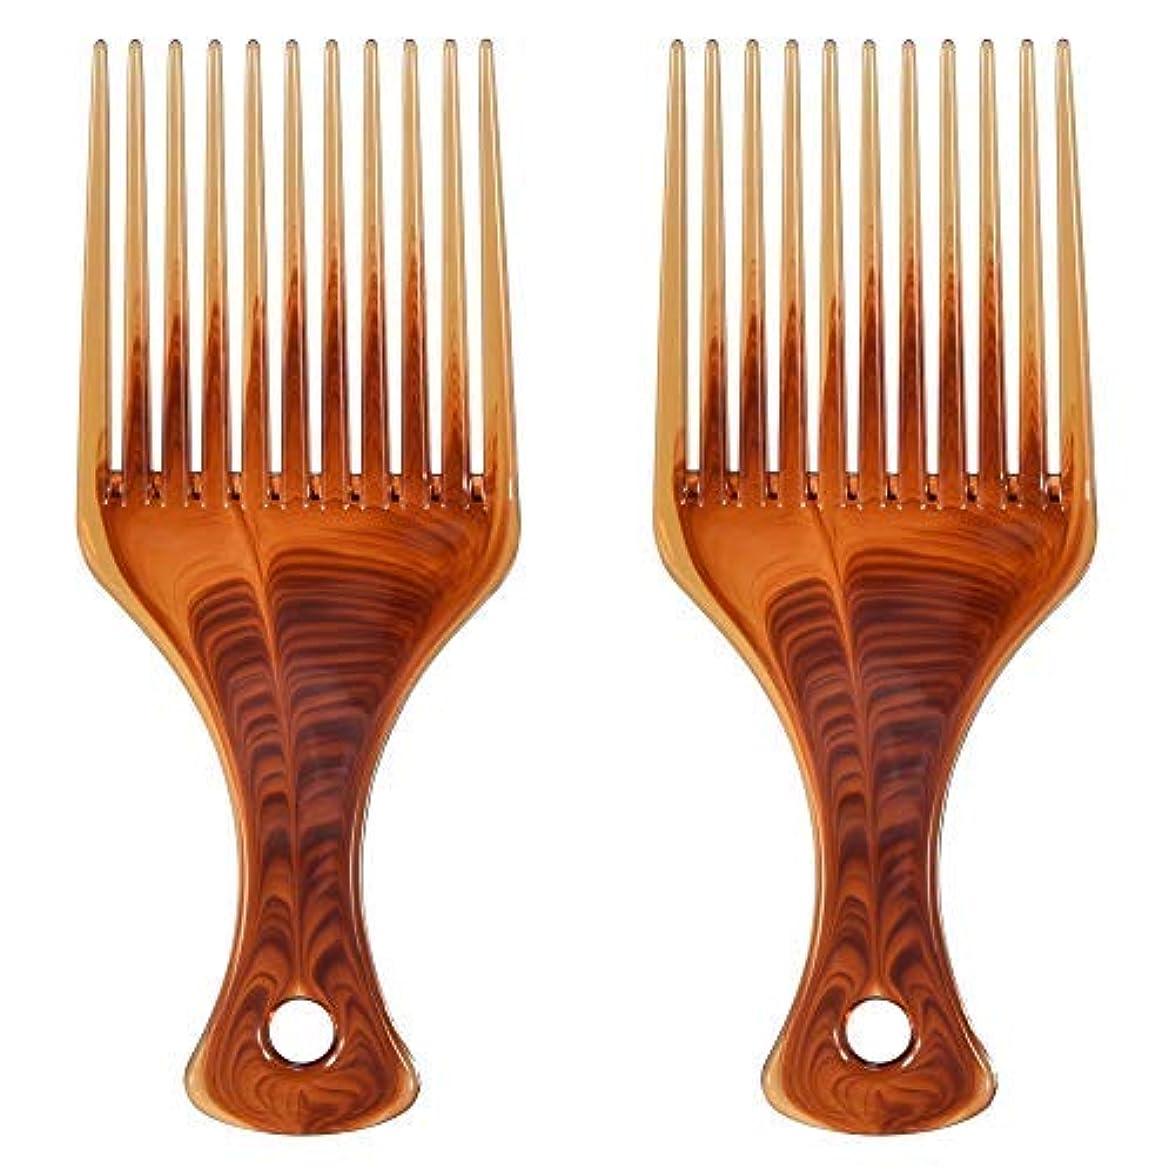 中央つぶやきベジタリアンMosuch Hair Pick, 2pcs Super Smooth Picks Comb Hairdressing Wide Tooth Modeling Big Tooth Comb [並行輸入品]